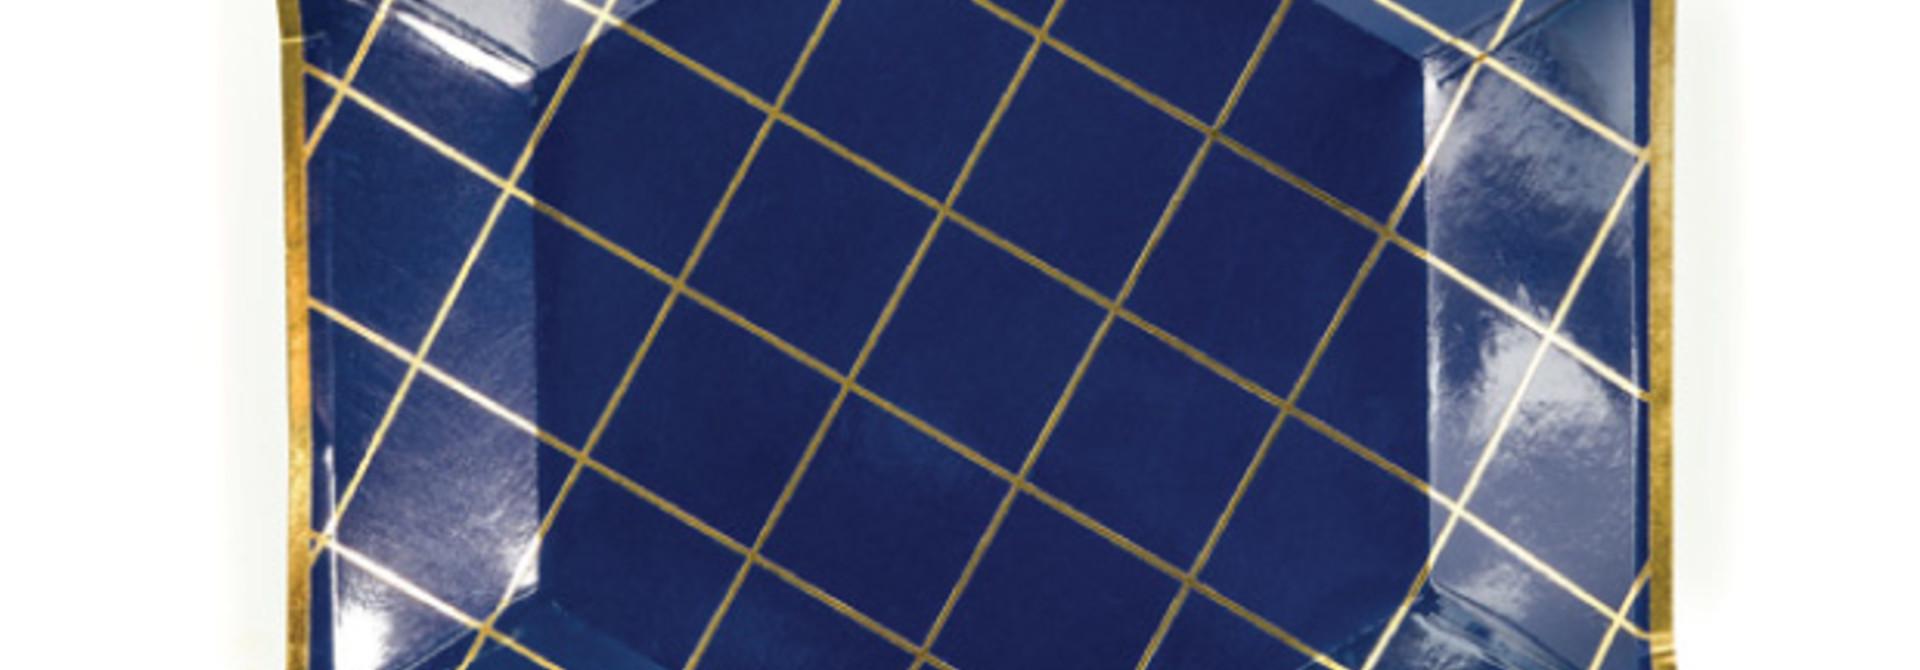 Borden golden grid (6st)